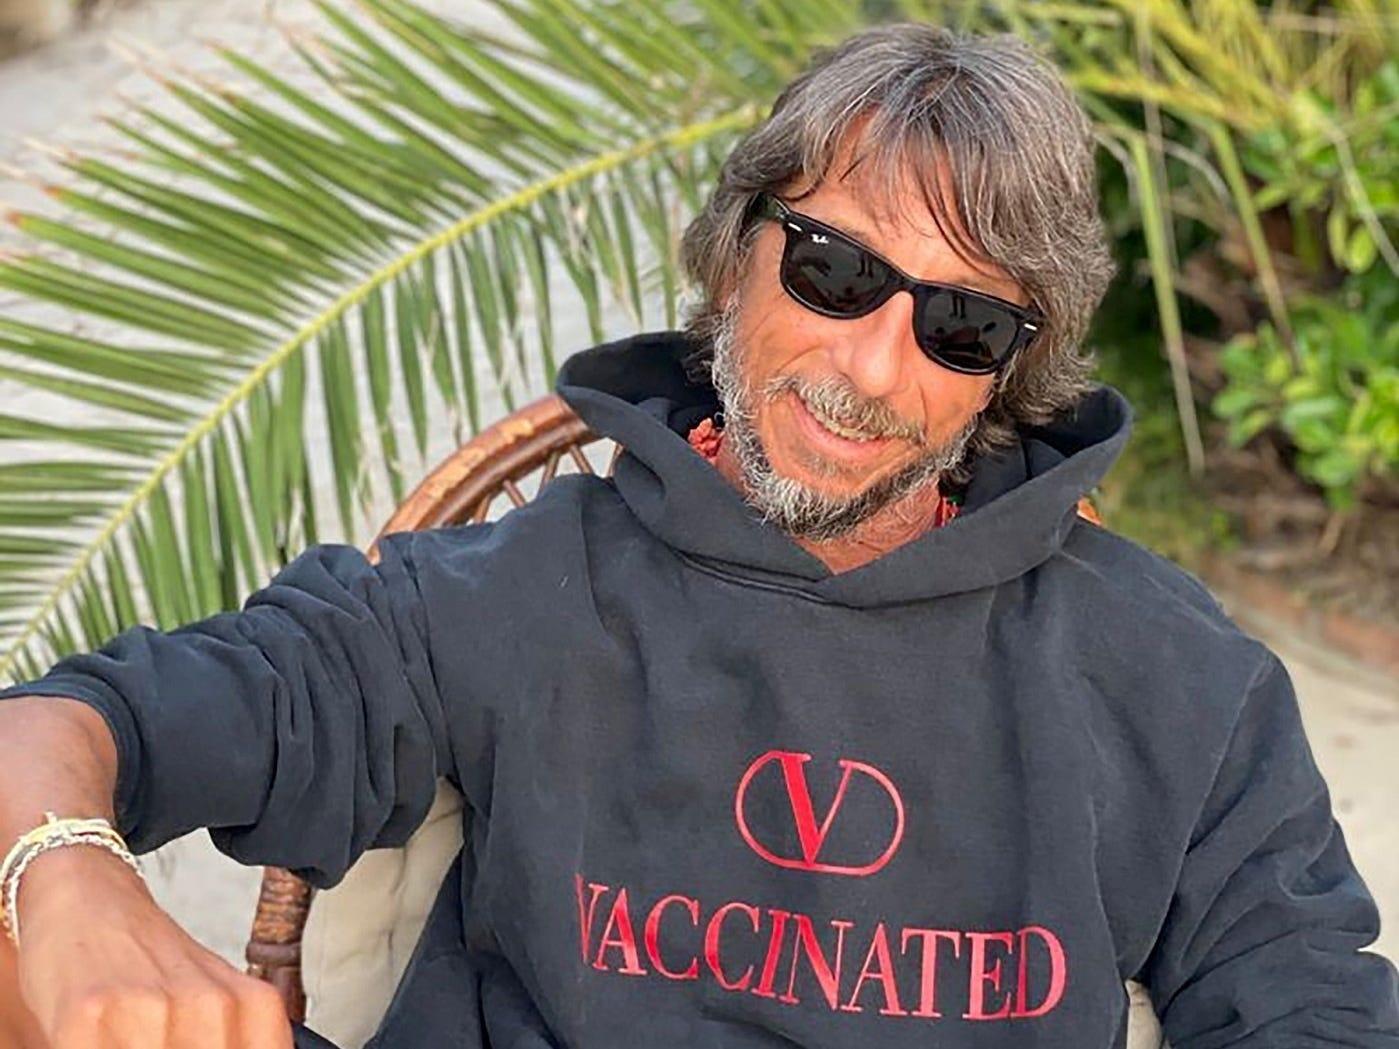 Πιτσόλι: «Σύμβολο σεβασμού προς τους άλλους και κοινωνικής ευθύνης ο εμβολιασμός κατά της Covid-19»